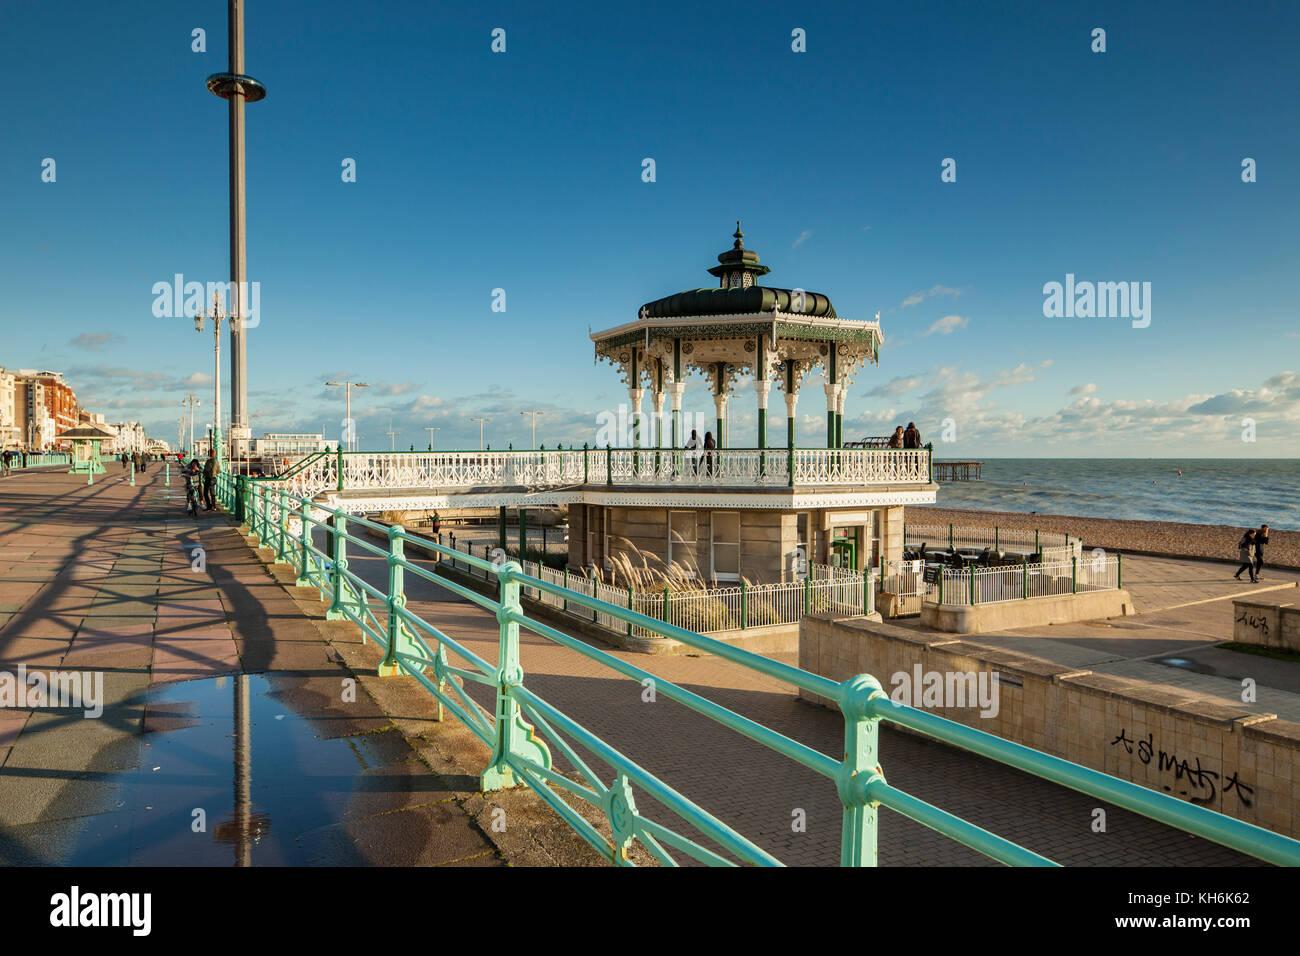 Après-midi d'automne sur le front de mer de Brighton. Le kiosque et j360 tower au loin. Photo Stock